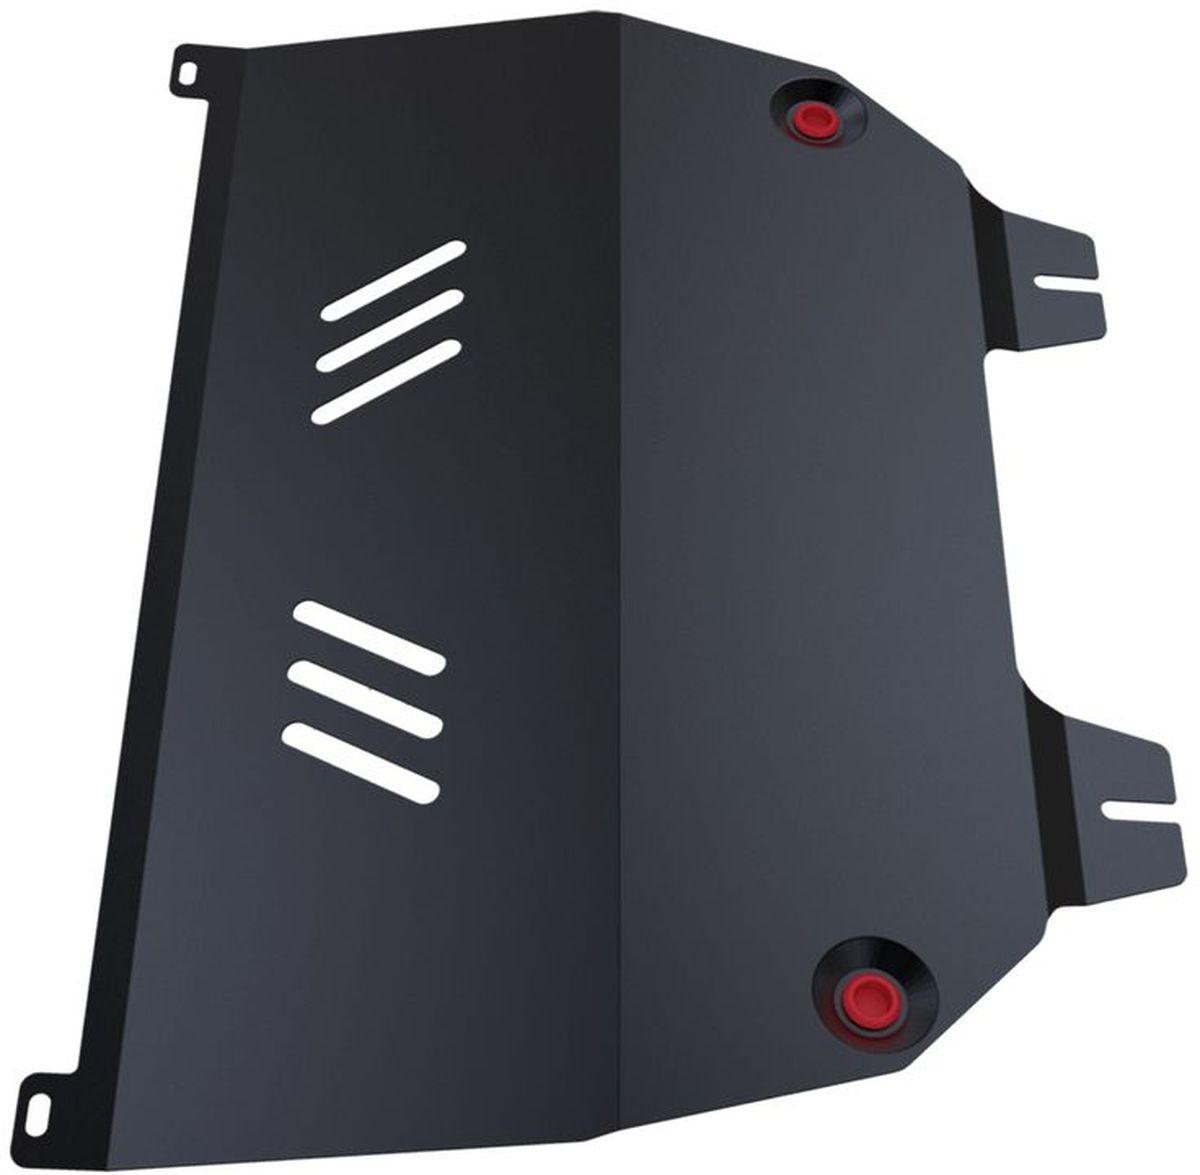 Защита картера и КПП Автоброня, для Peugeot 307. 111.04304.1111.04304.1Технологически совершенный продукт за невысокую стоимость. Защита разработана с учетом особенностей днища автомобиля, что позволяет сохранить дорожный просвет с минимальным изменением. Защита устанавливается в штатные места кузова автомобиля. Глубокий штамп обеспечивает до двух раз больше жесткости в сравнении с обычной защитой той же толщины. Проштампованные ребра жесткости препятствуют деформации защиты при ударах. Тепловой зазор и вентиляционные отверстия обеспечивают сохранение температурного режима двигателя в норме. Скрытый крепеж предотвращает срыв крепежных элементов при наезде на препятствие. Шумопоглощающие резиновые элементы обеспечивают комфортную езду без вибраций и скрежета металла, а съемные лючки для слива масла и замены фильтра - экономию средств и время. Конструкция изделия не влияет на пассивную безопасность автомобиля (при ударе защита не воздействует на деформационные зоны кузова). Со штатным крепежом. В комплекте инструкция по...